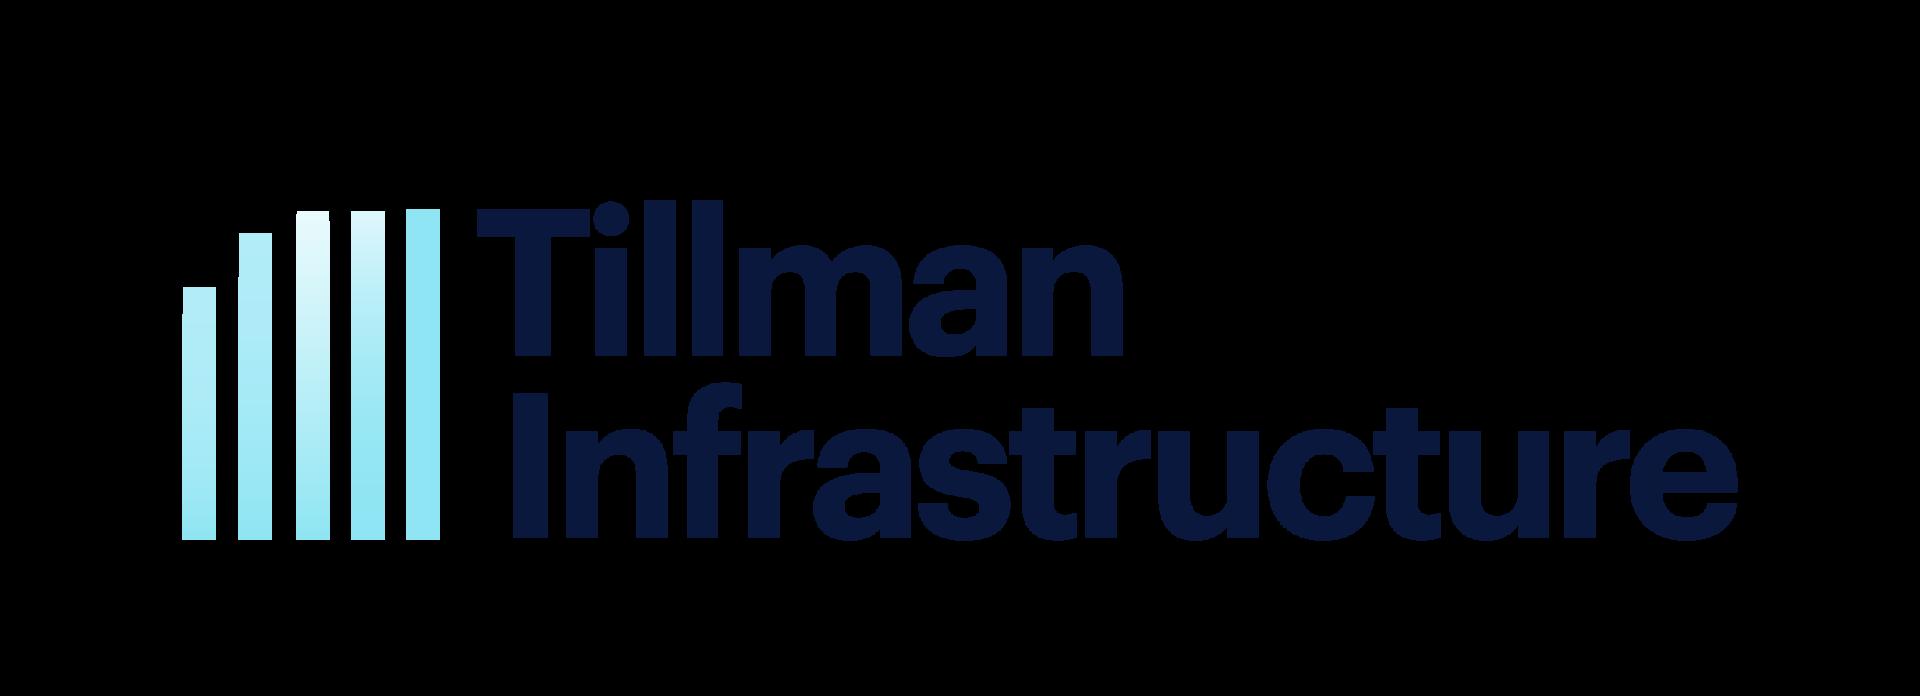 https://secureservercdn.net/72.167.242.48/g56.a56.myftpupload.com/wp-content/uploads/2020/12/Logo_Tillman_TI_I_wrdmrk.png